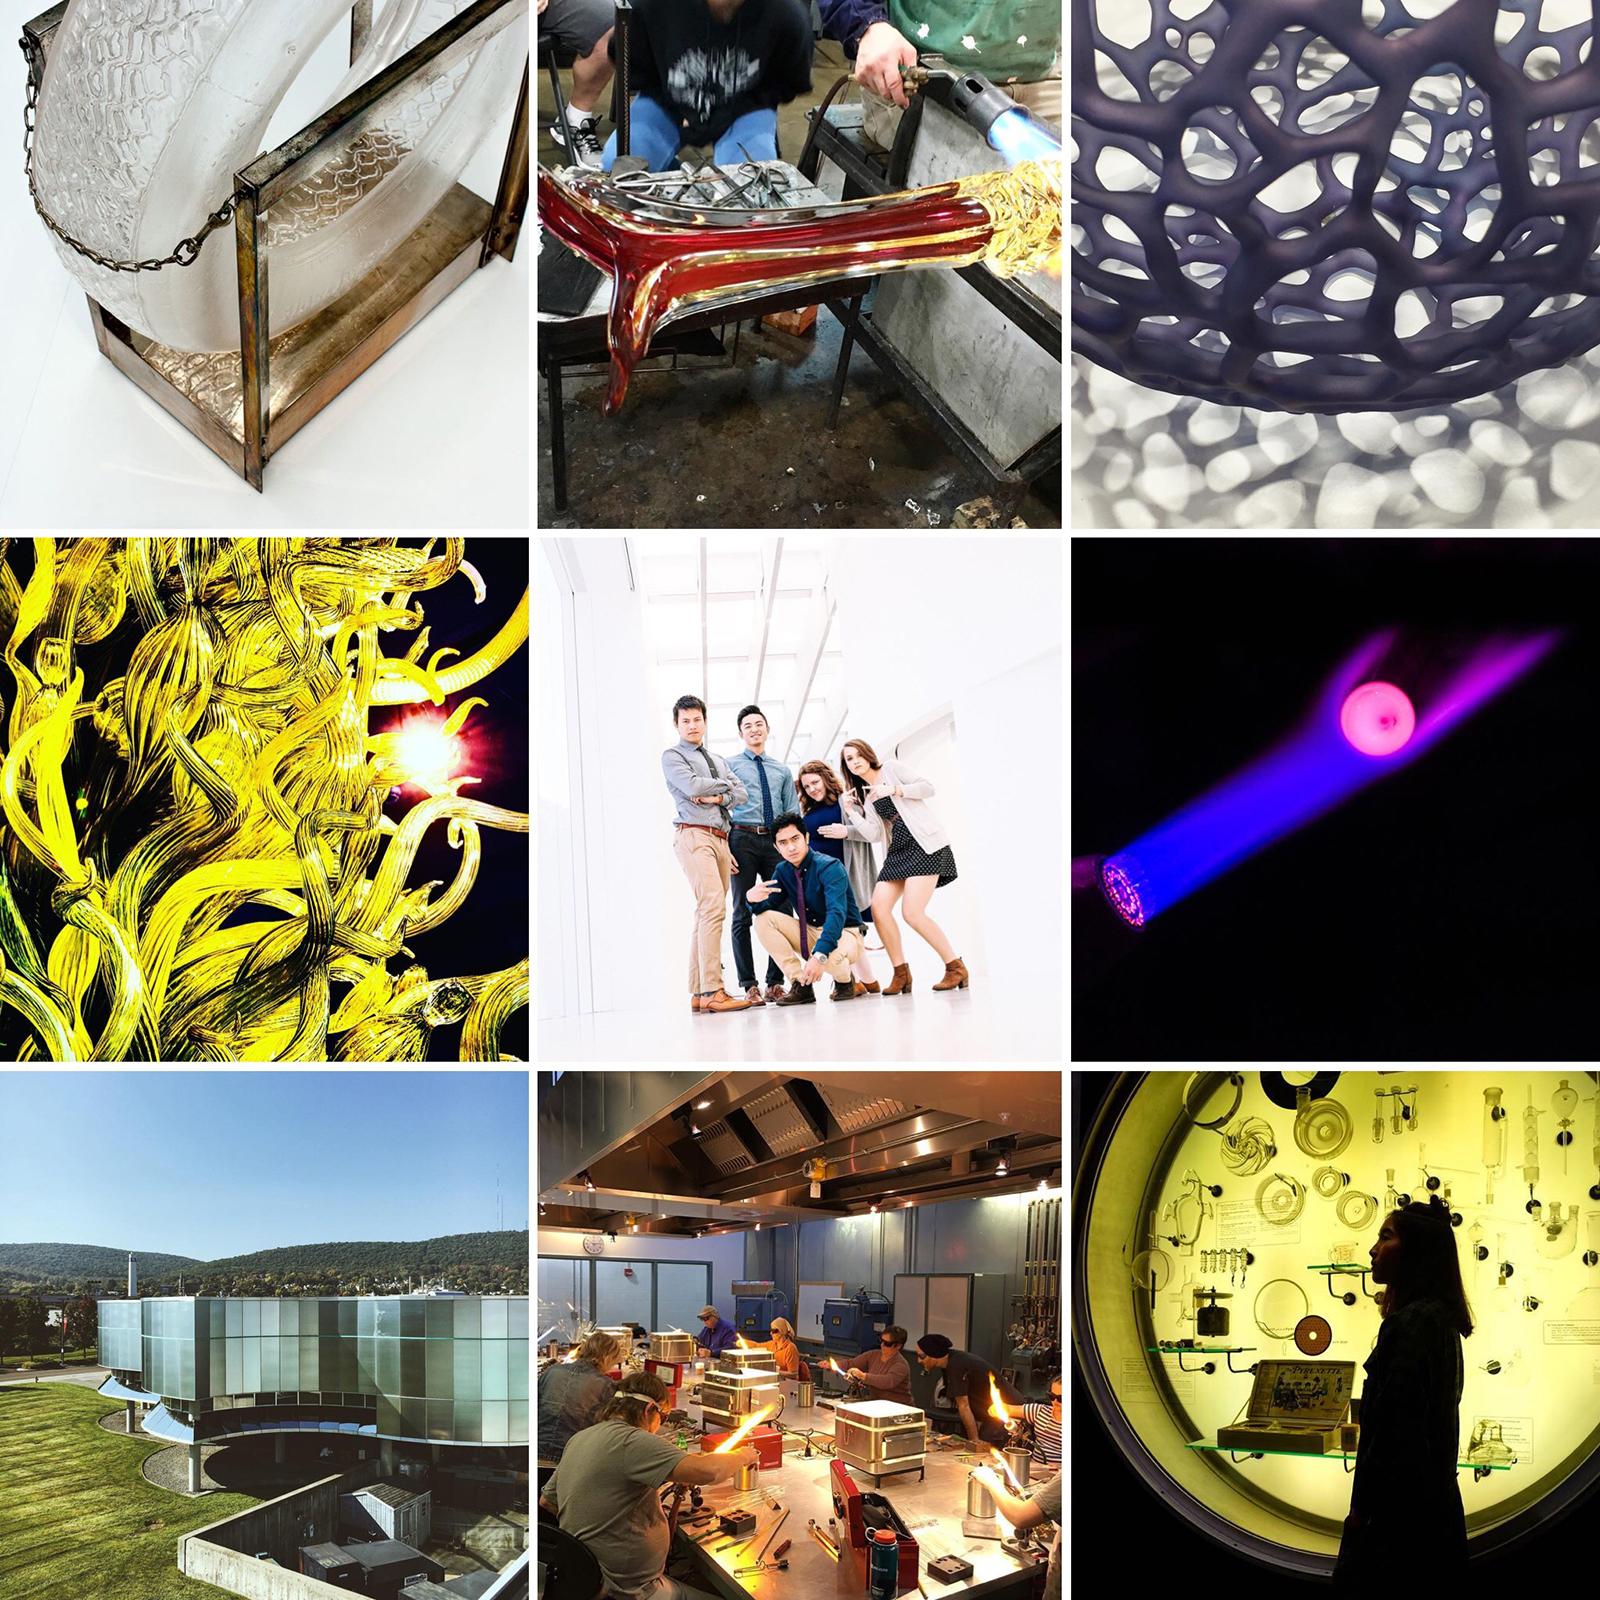 Best of Instagram: October